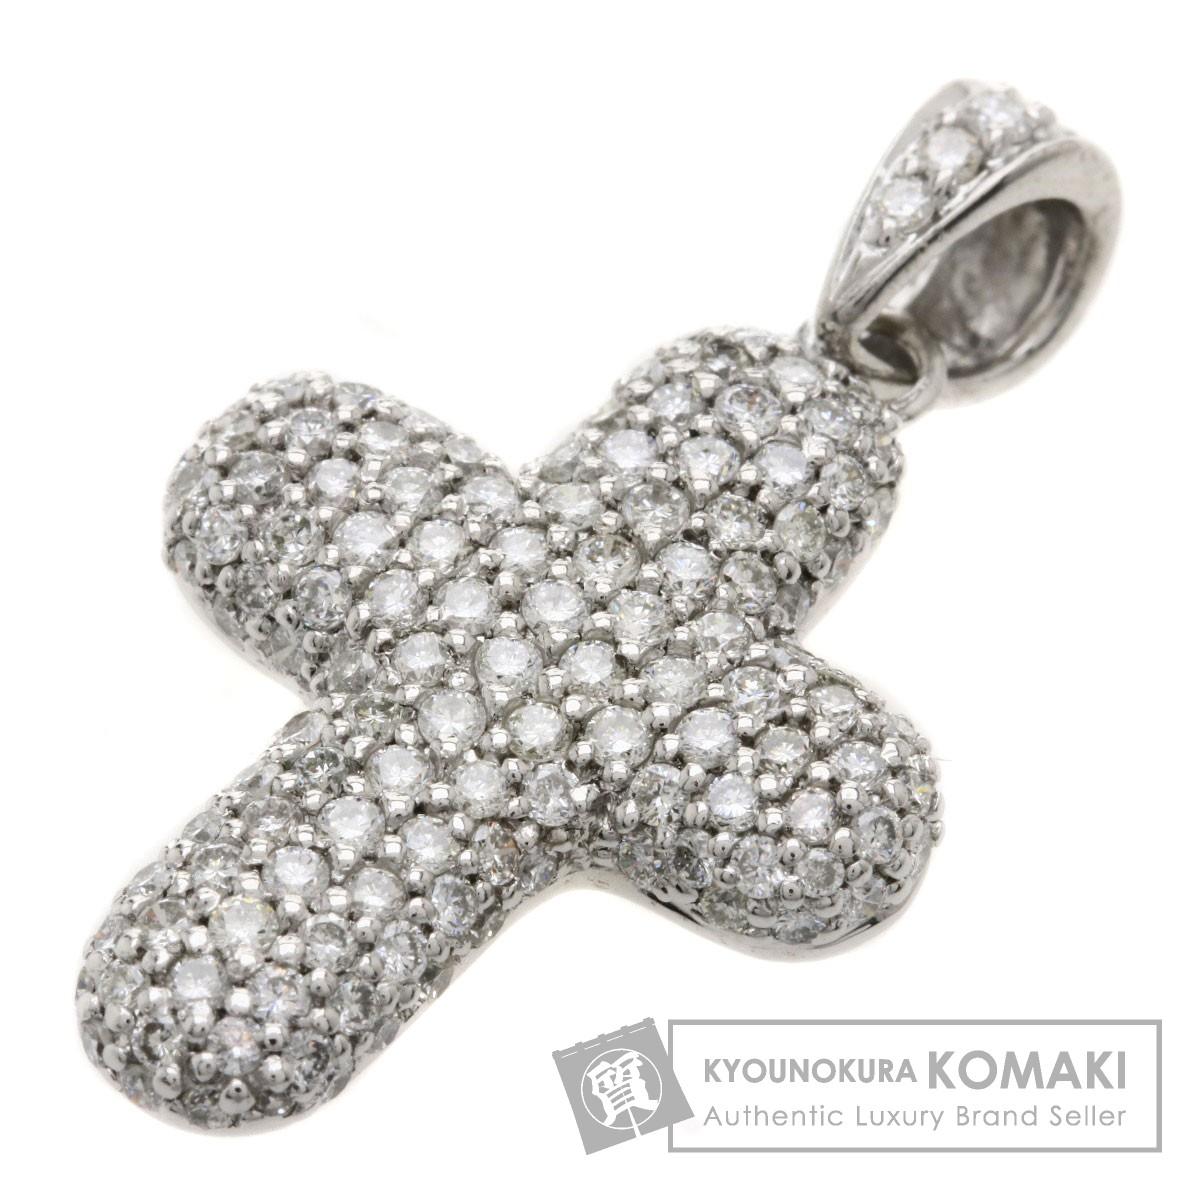 1.63ct ダイヤモンド/クロス ペンダント K18ホワイトゴールド 5.7g レディース 【中古】